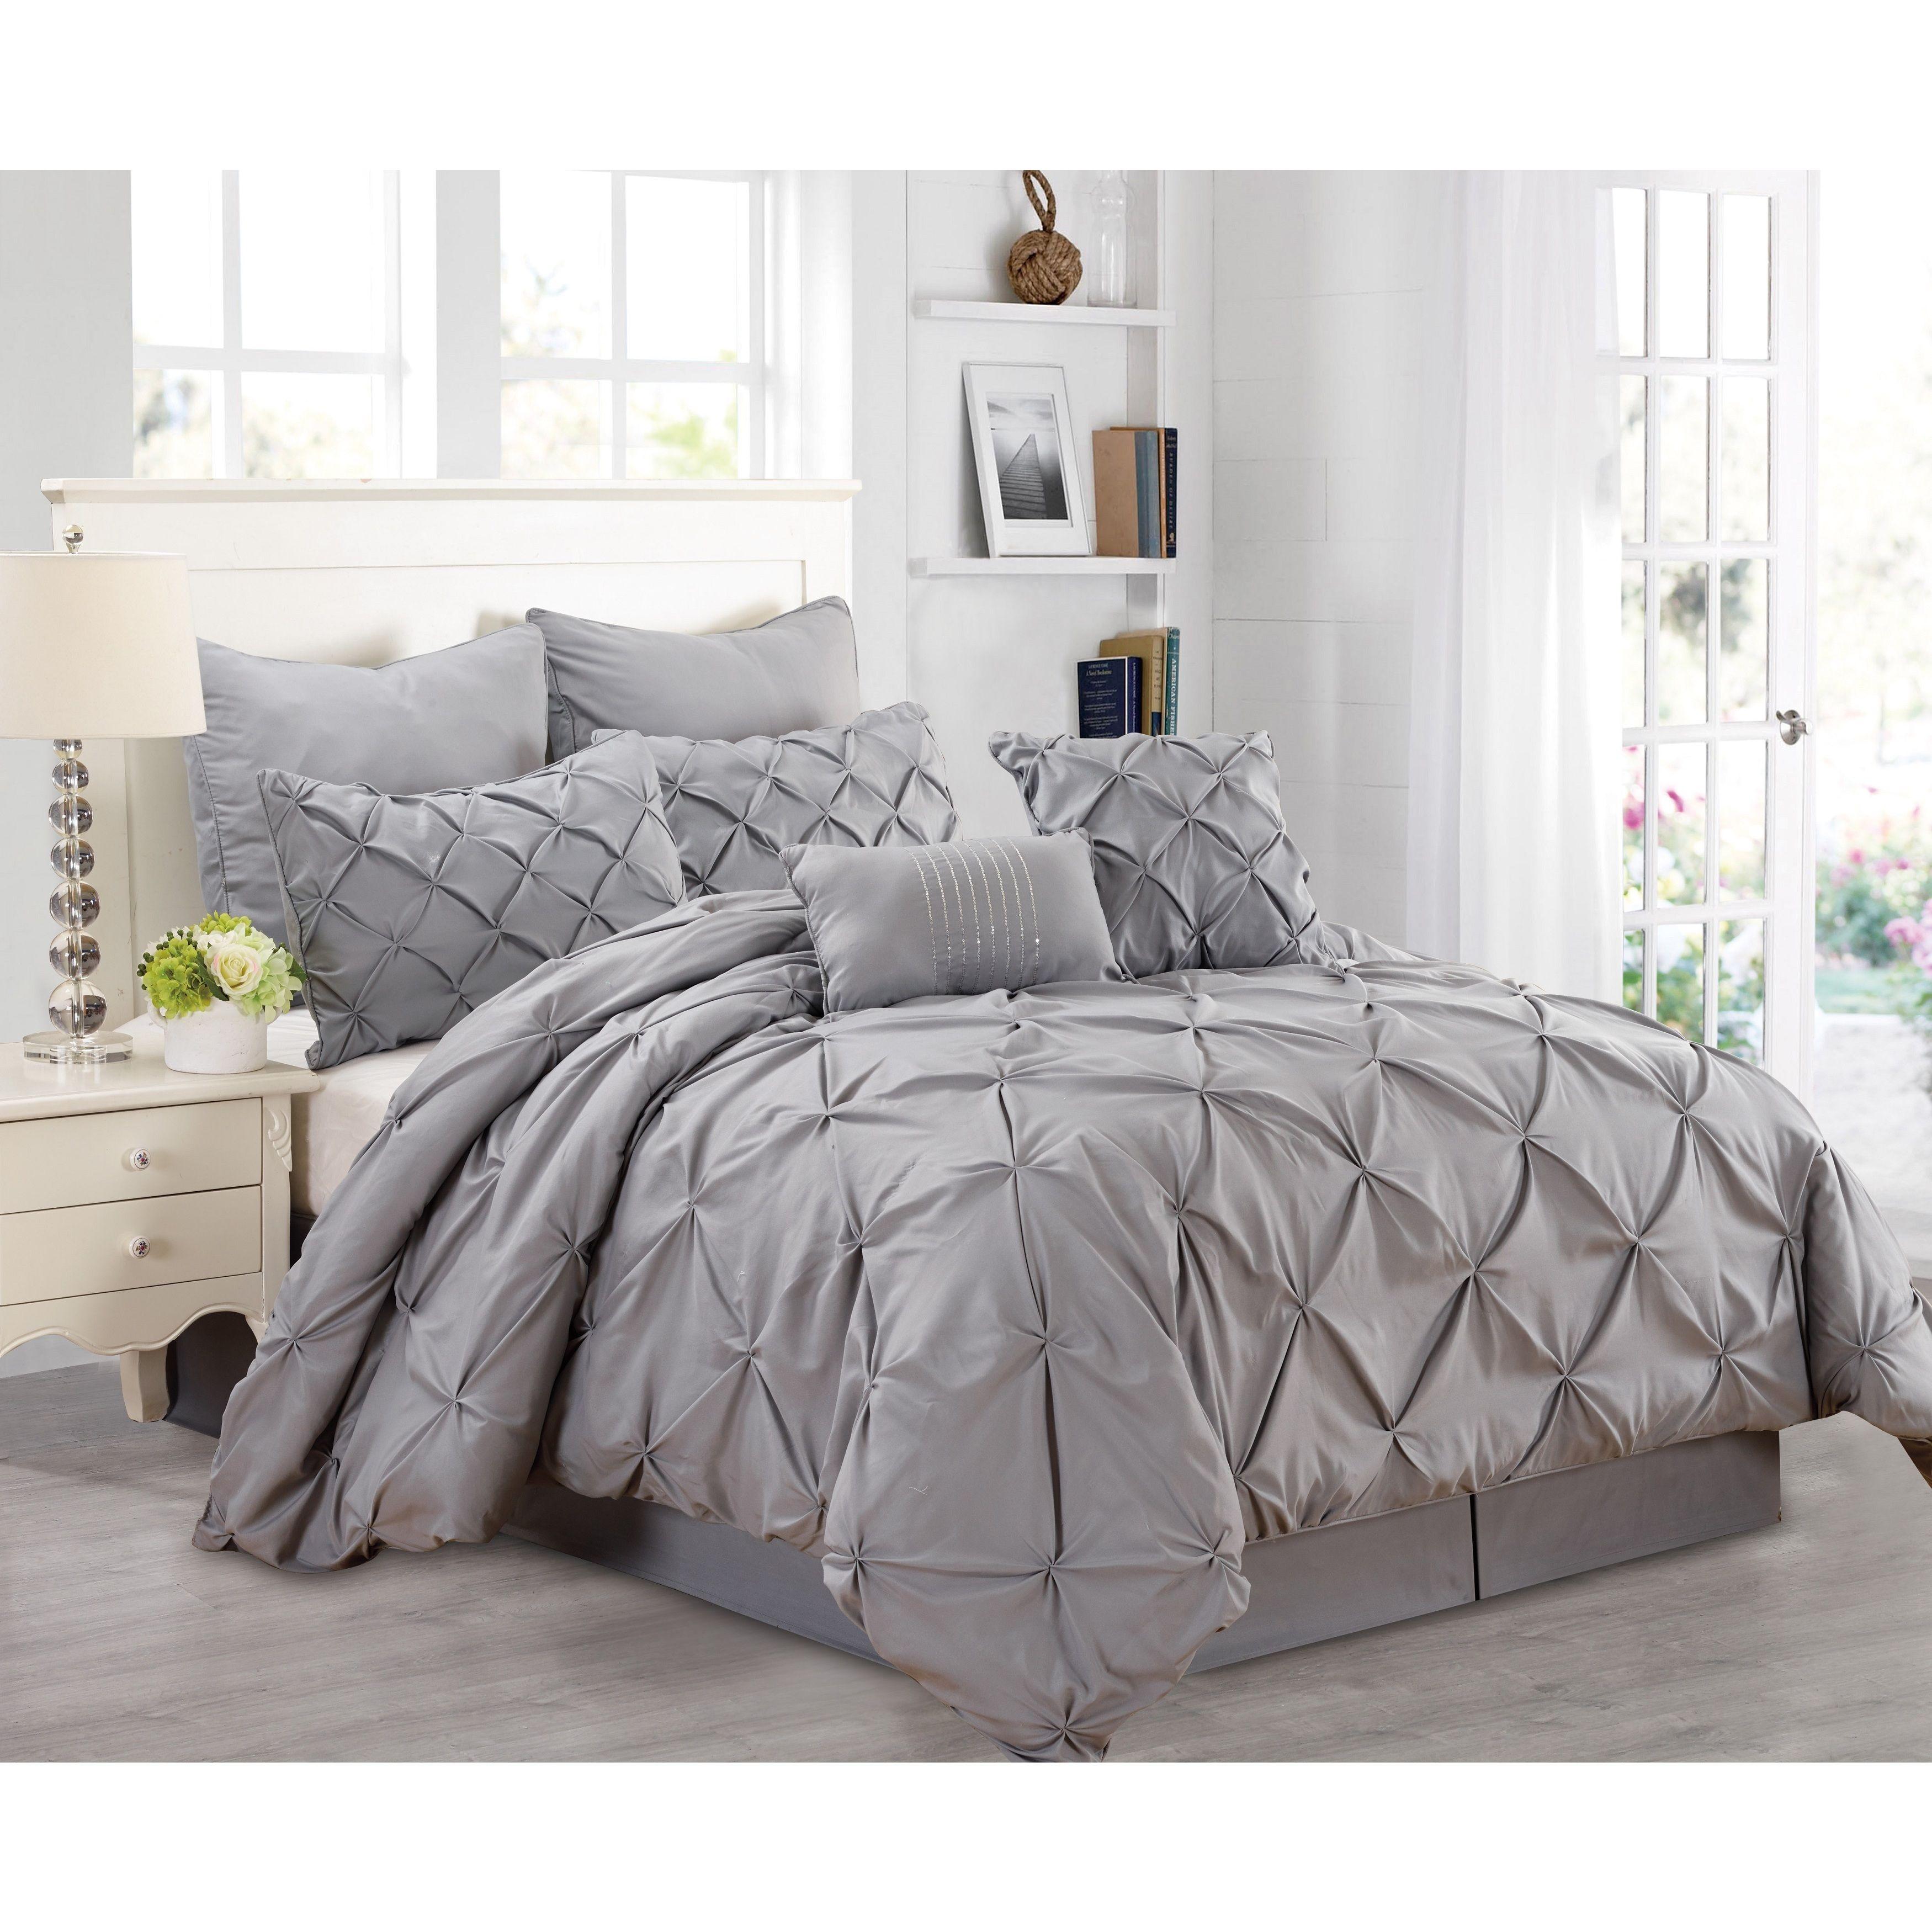 x light deny grey of photo comforter dtavares com designs